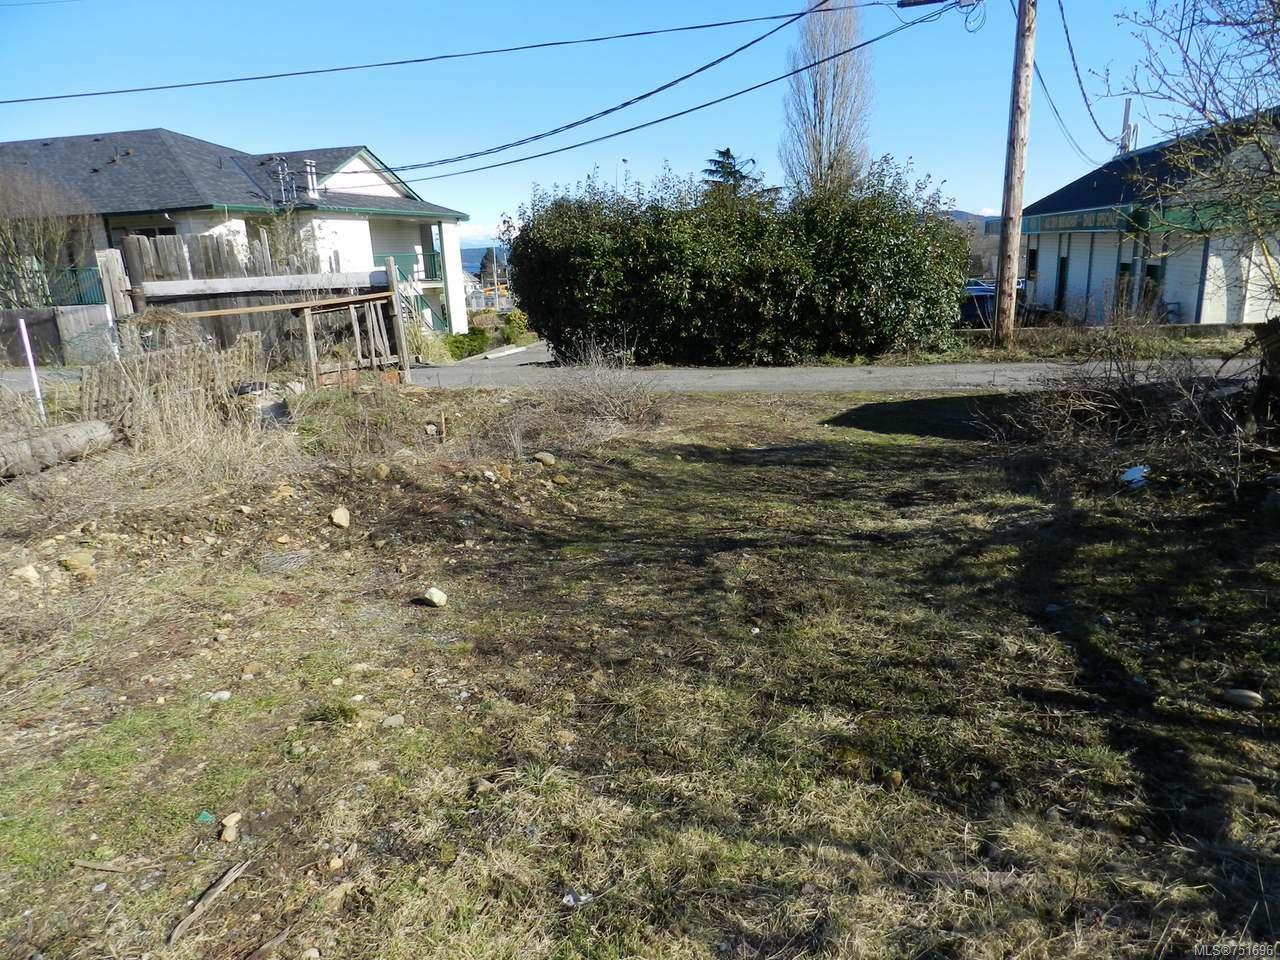 Main Photo: 223 VICTORIA ROAD in NANAIMO: Na South Nanaimo Land for sale (Nanaimo)  : MLS®# 751696